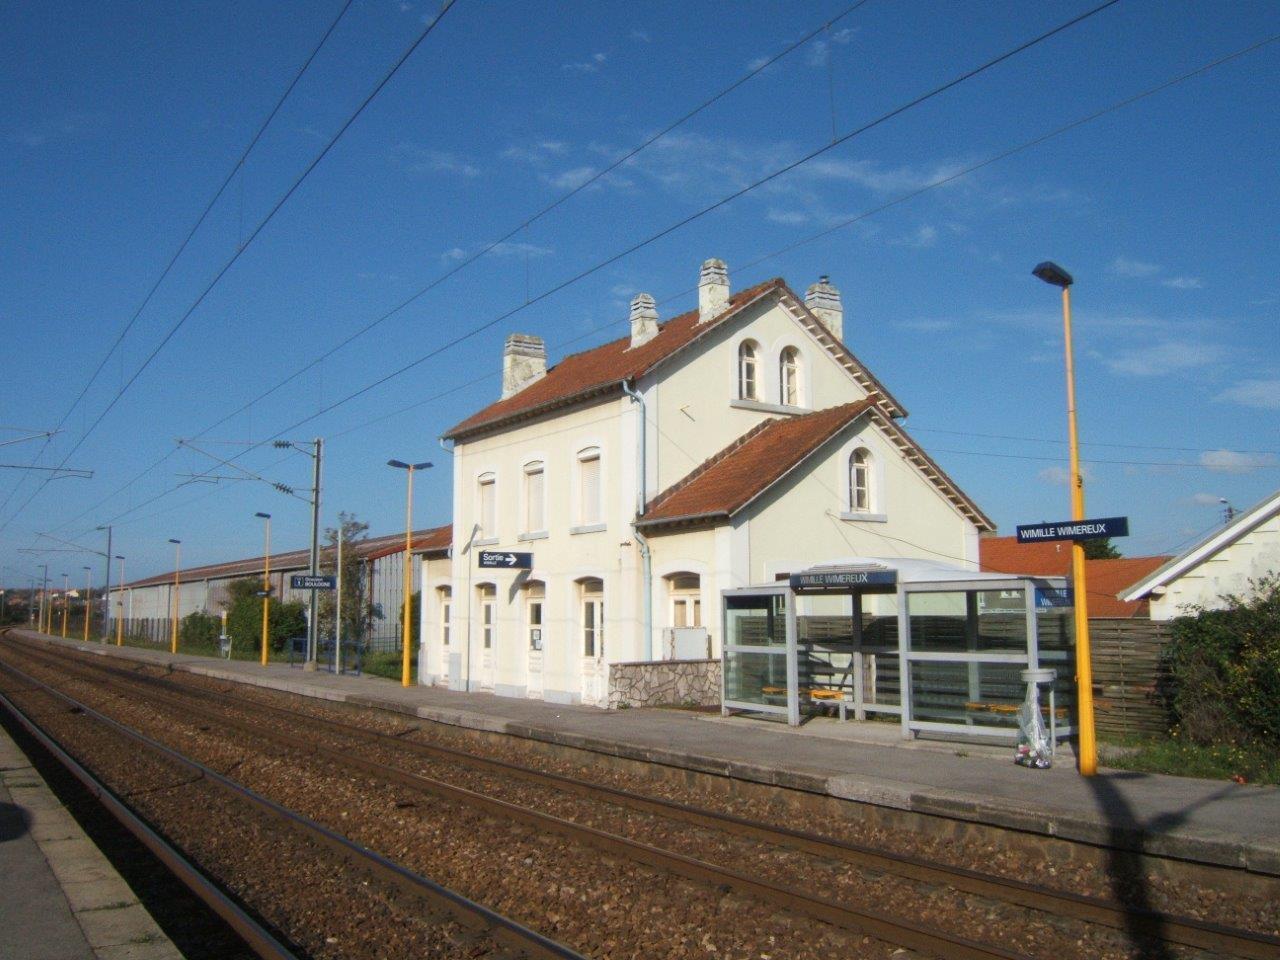 gare-de-wimille-wimereux-train-station